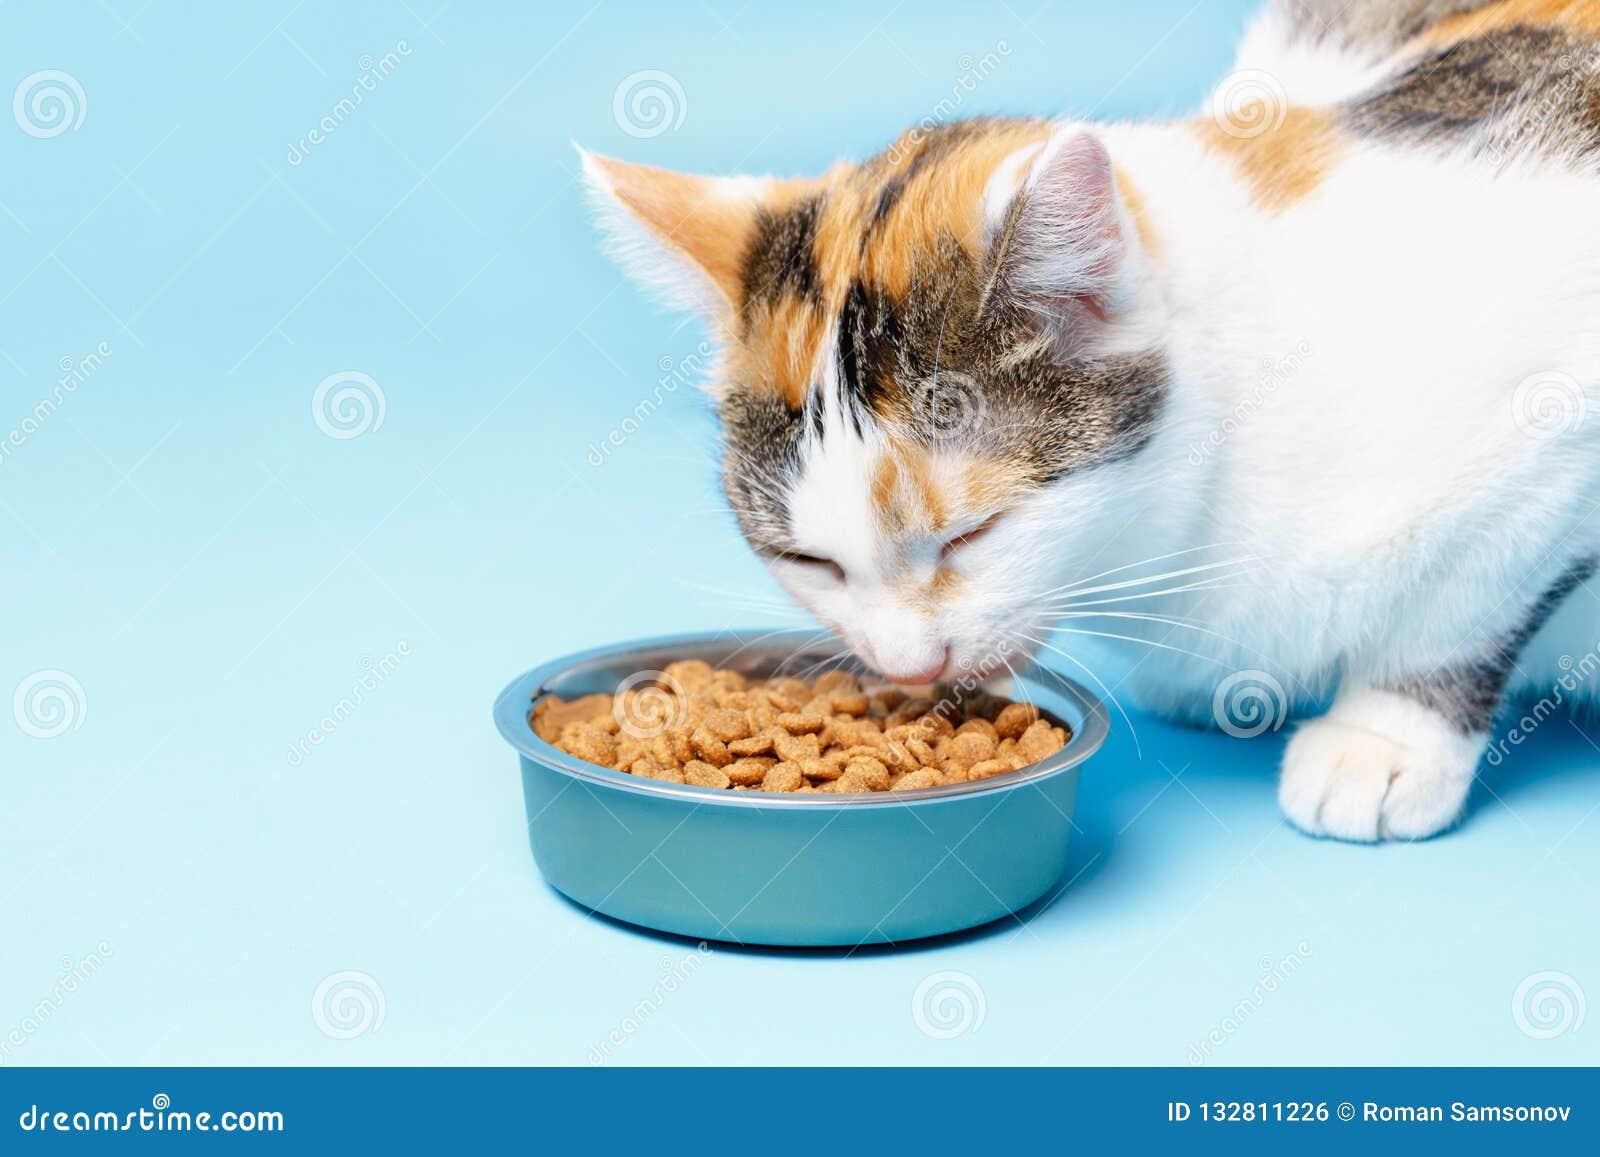 Кори кот аппетитен ест от плиты на голубом backgroun